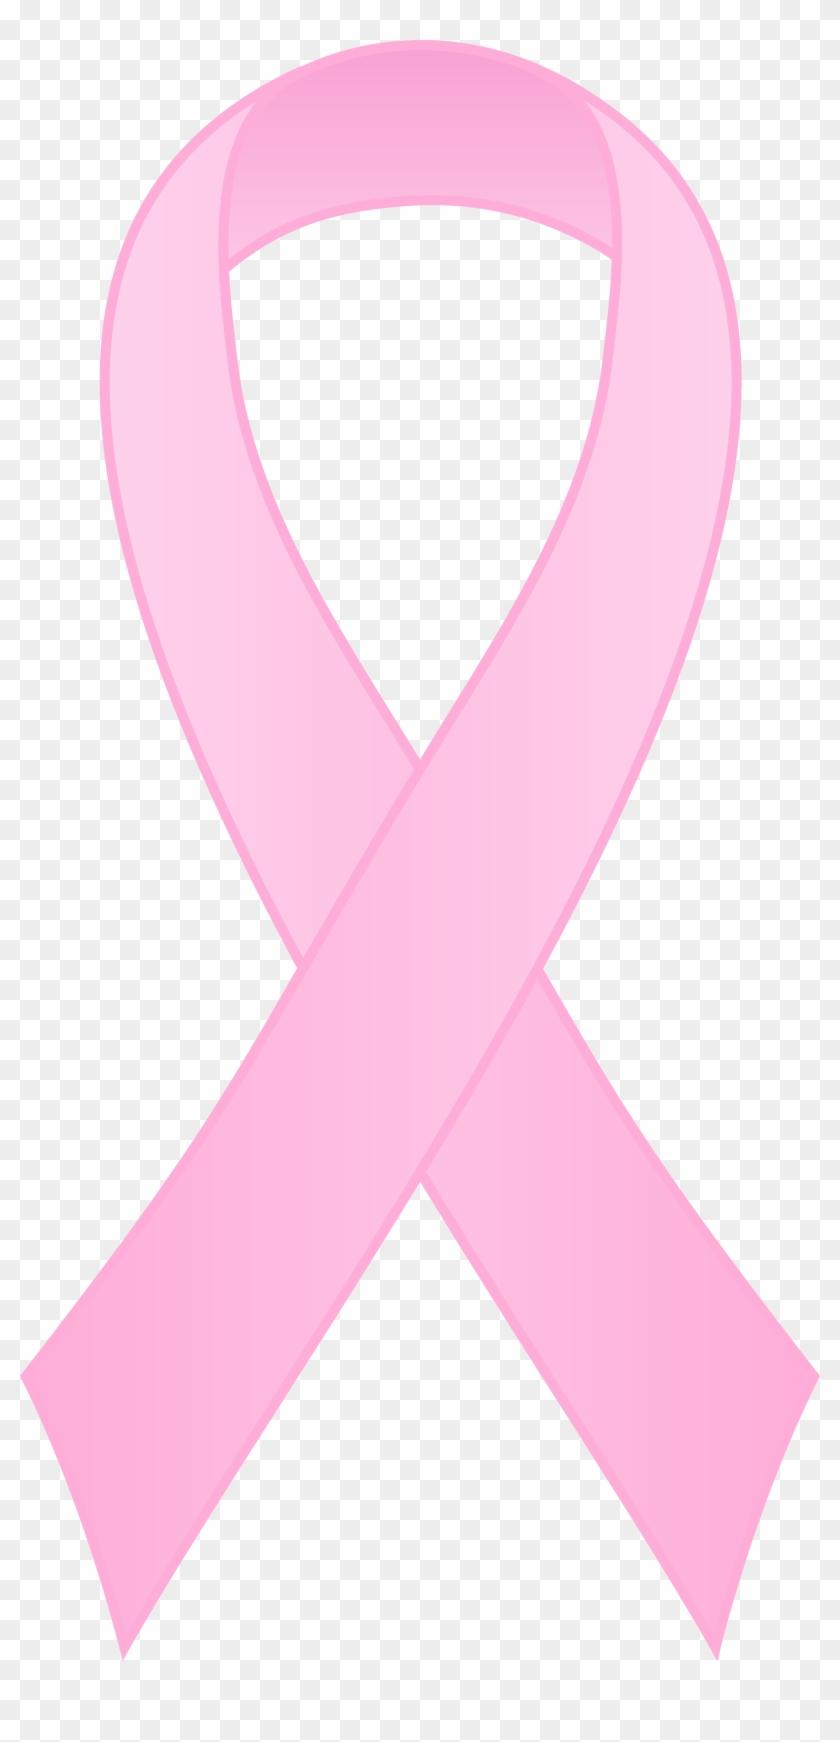 Pink Ribbon Png Free Download Pink Ribbon Transparent Background